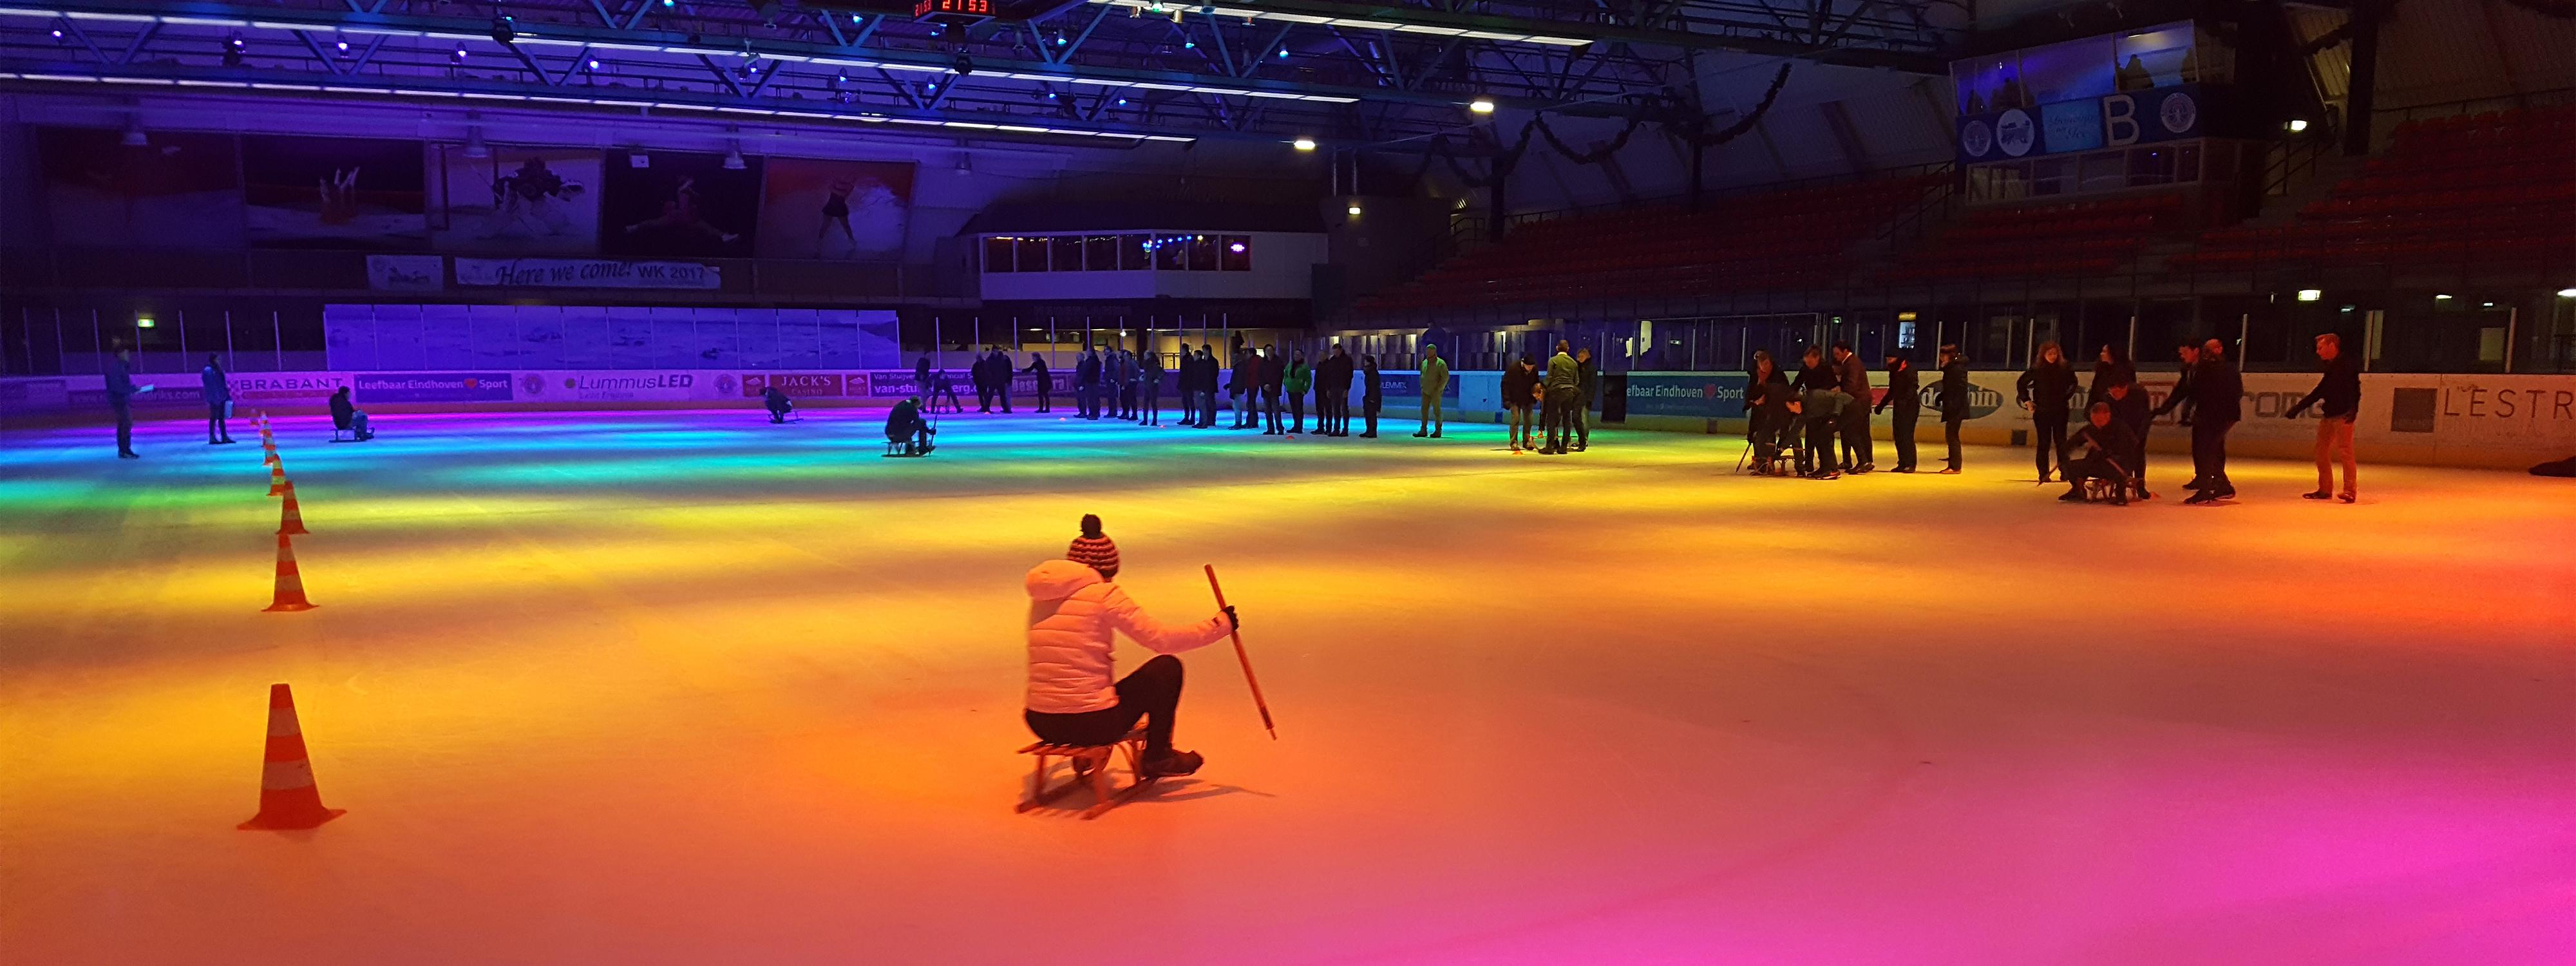 teamuitje-den-bosch-winteruitje-ijsspelen